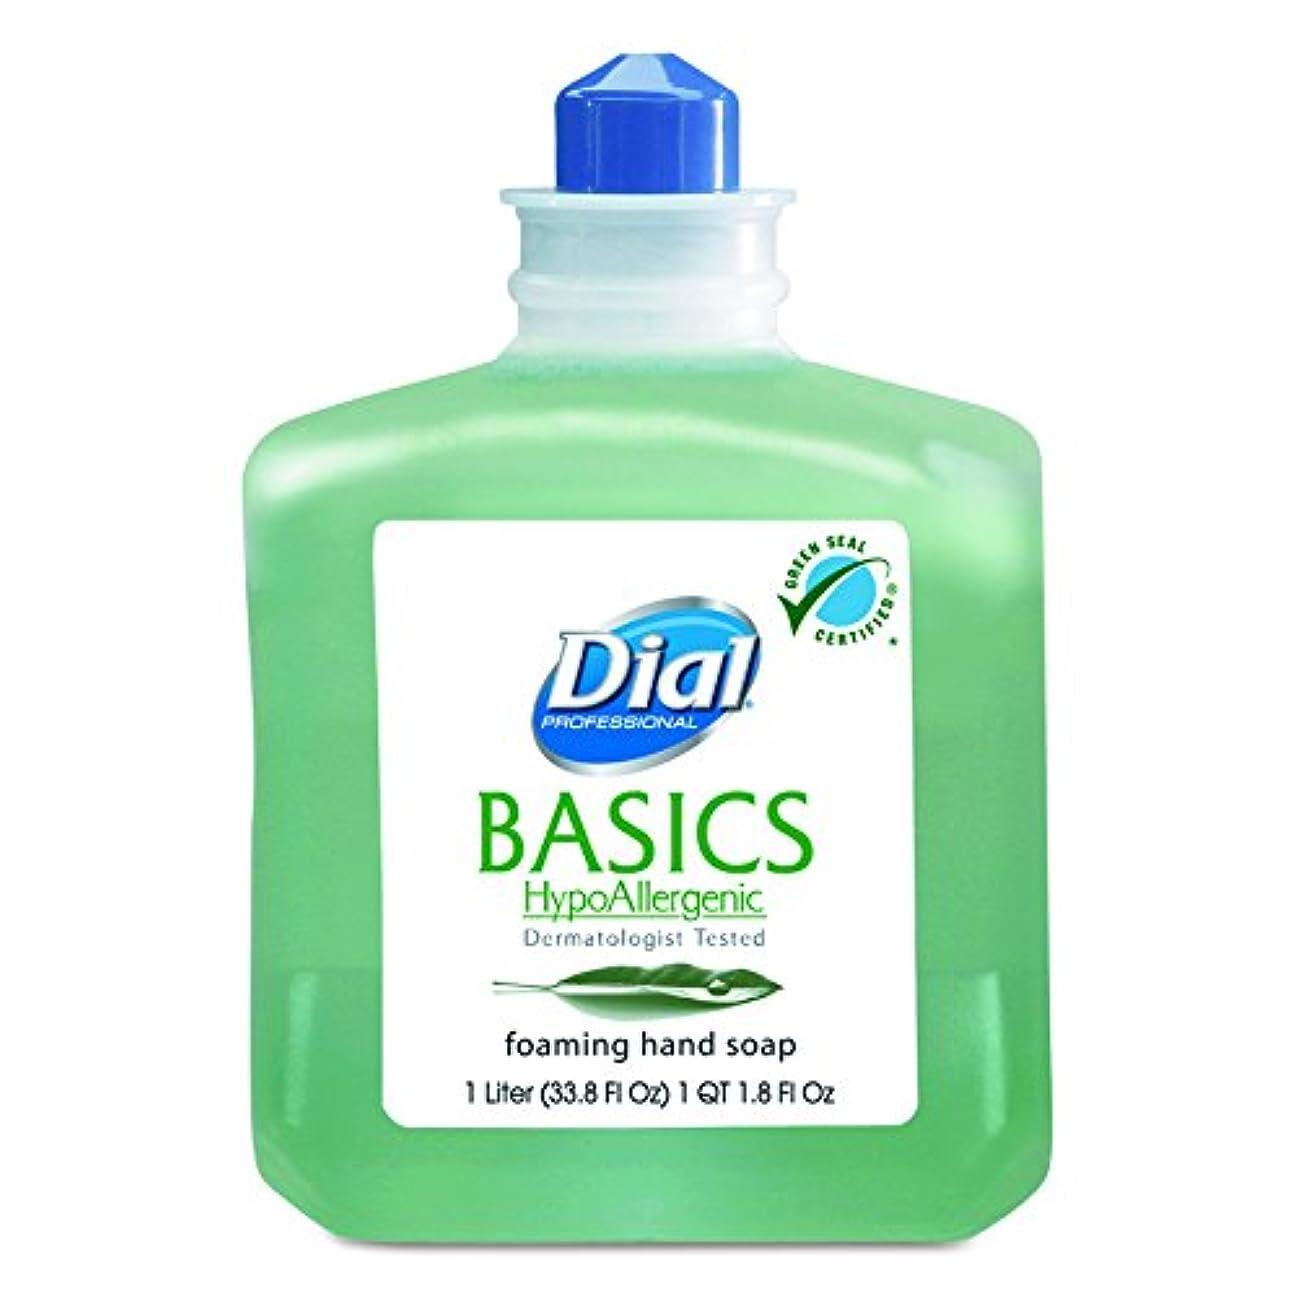 特異なスカウト暗殺Basics Foaming Hand Soap Refill, 1000 mL, Honeysuckle (並行輸入品)